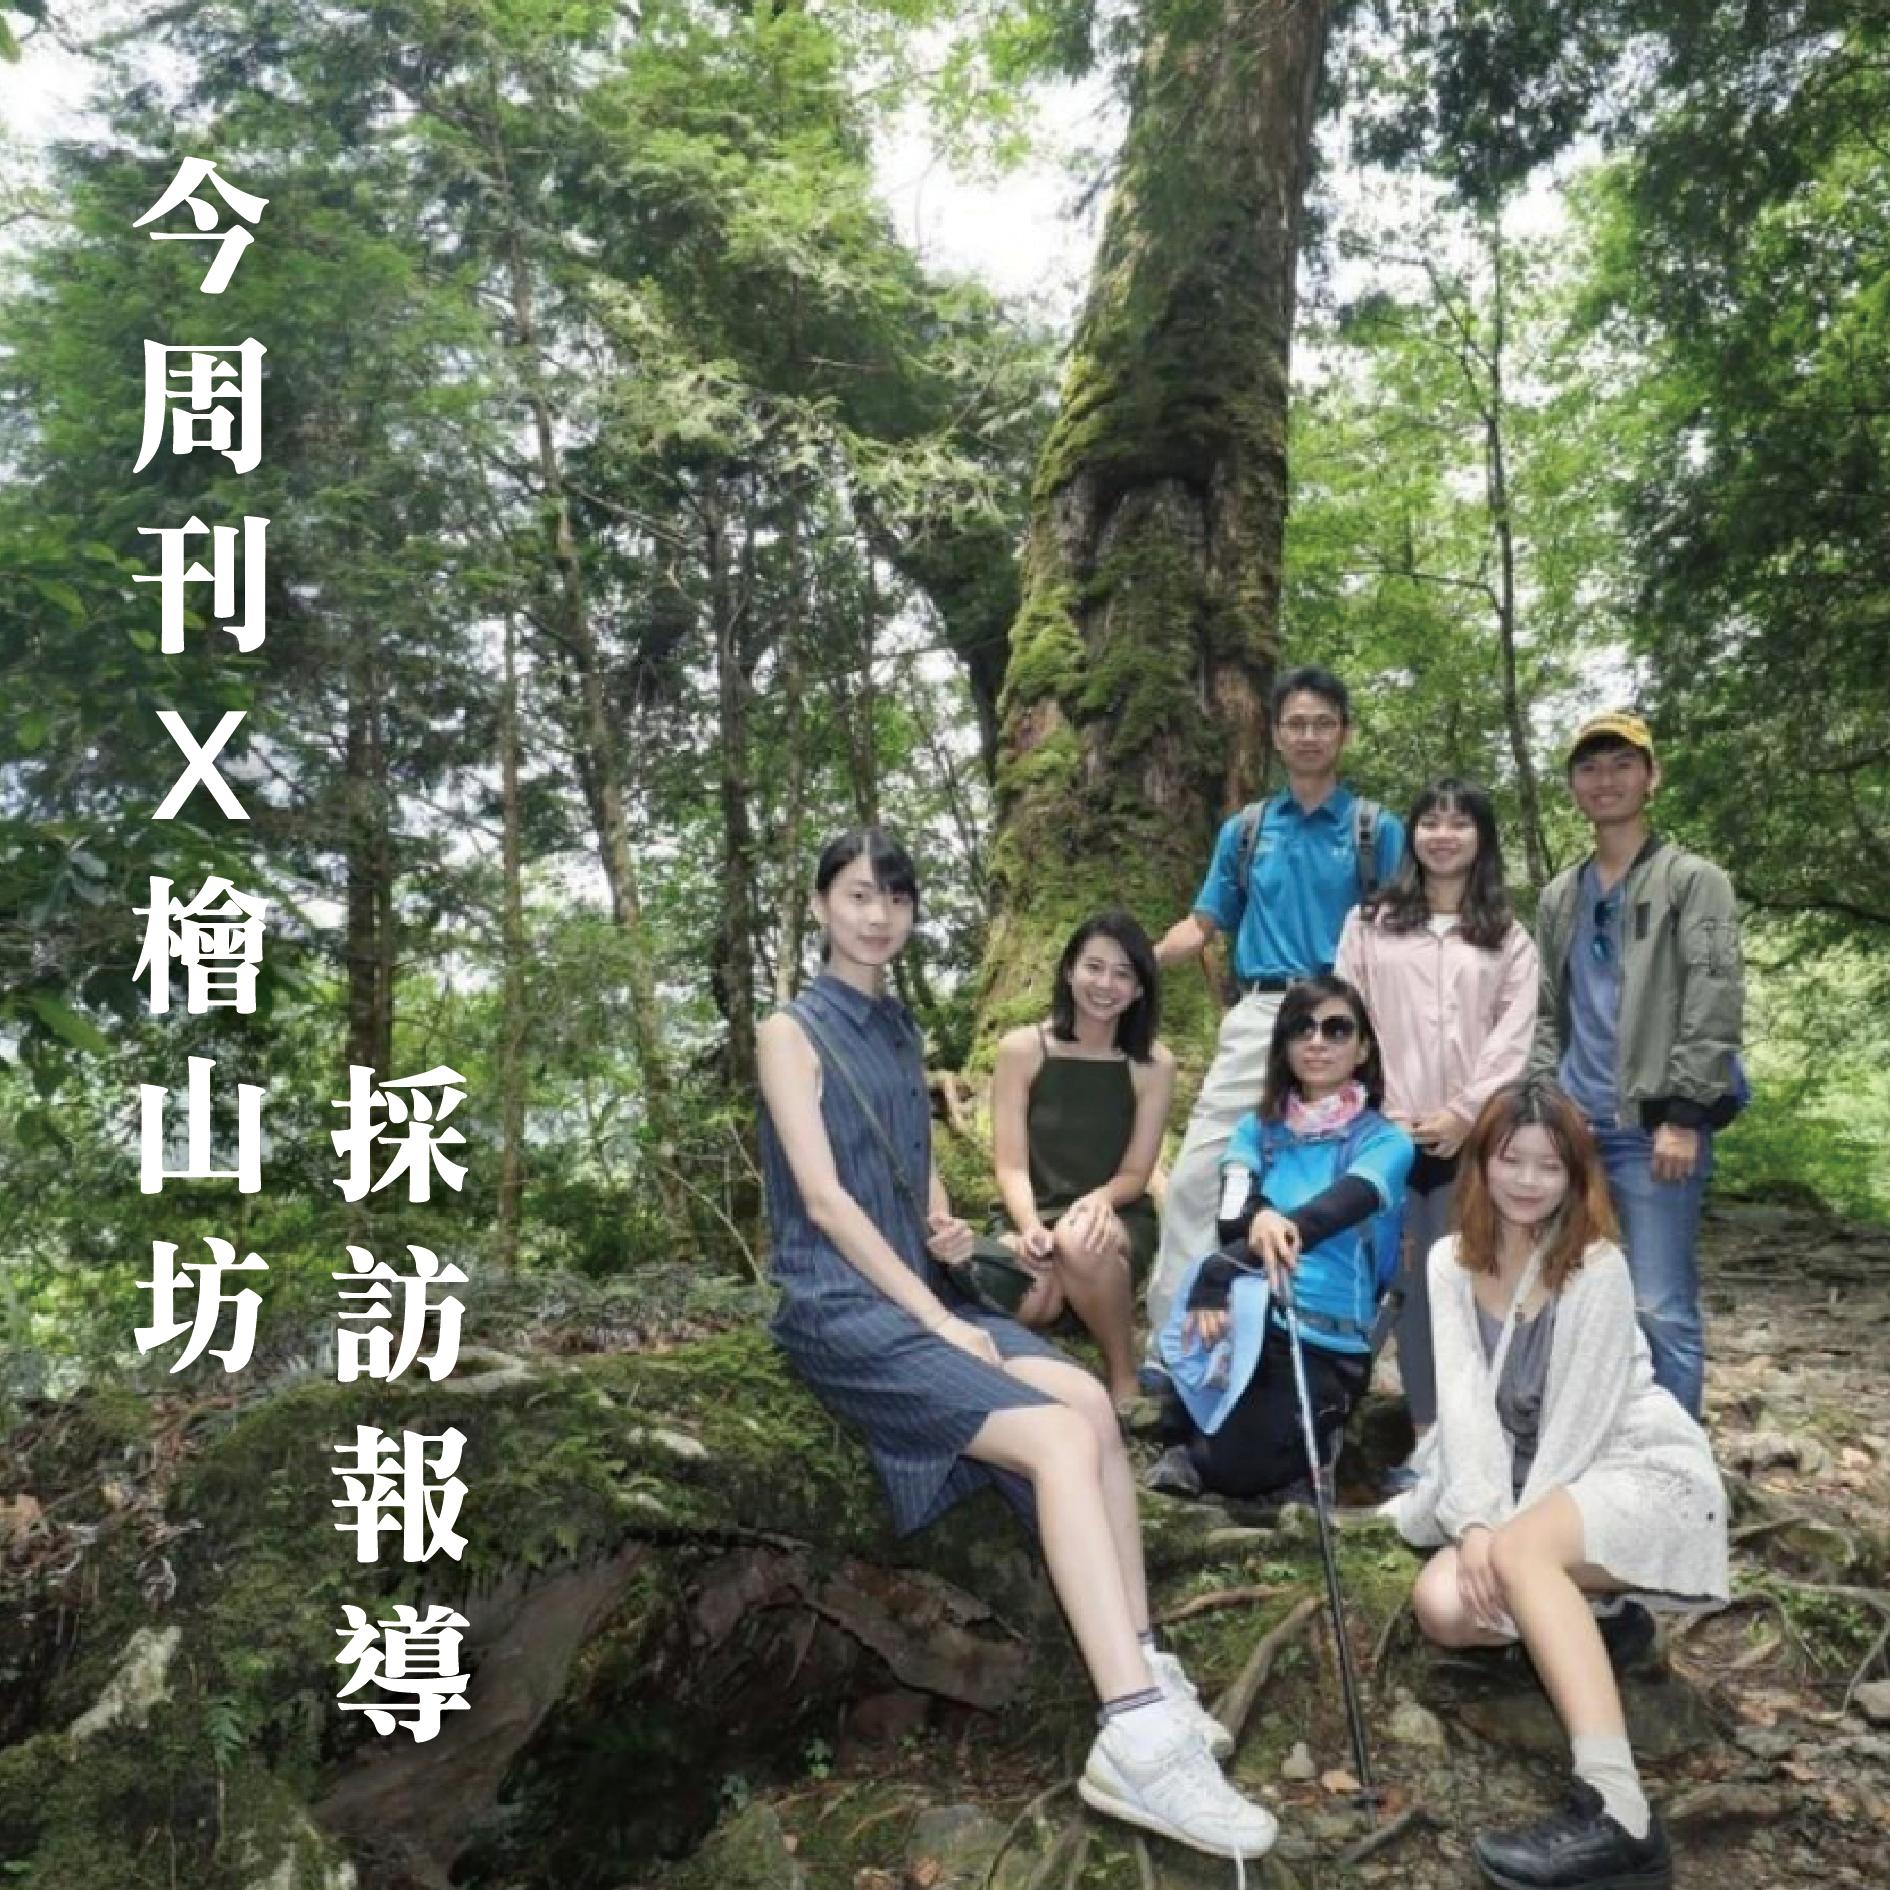 檜山坊X今周刊 採訪報導